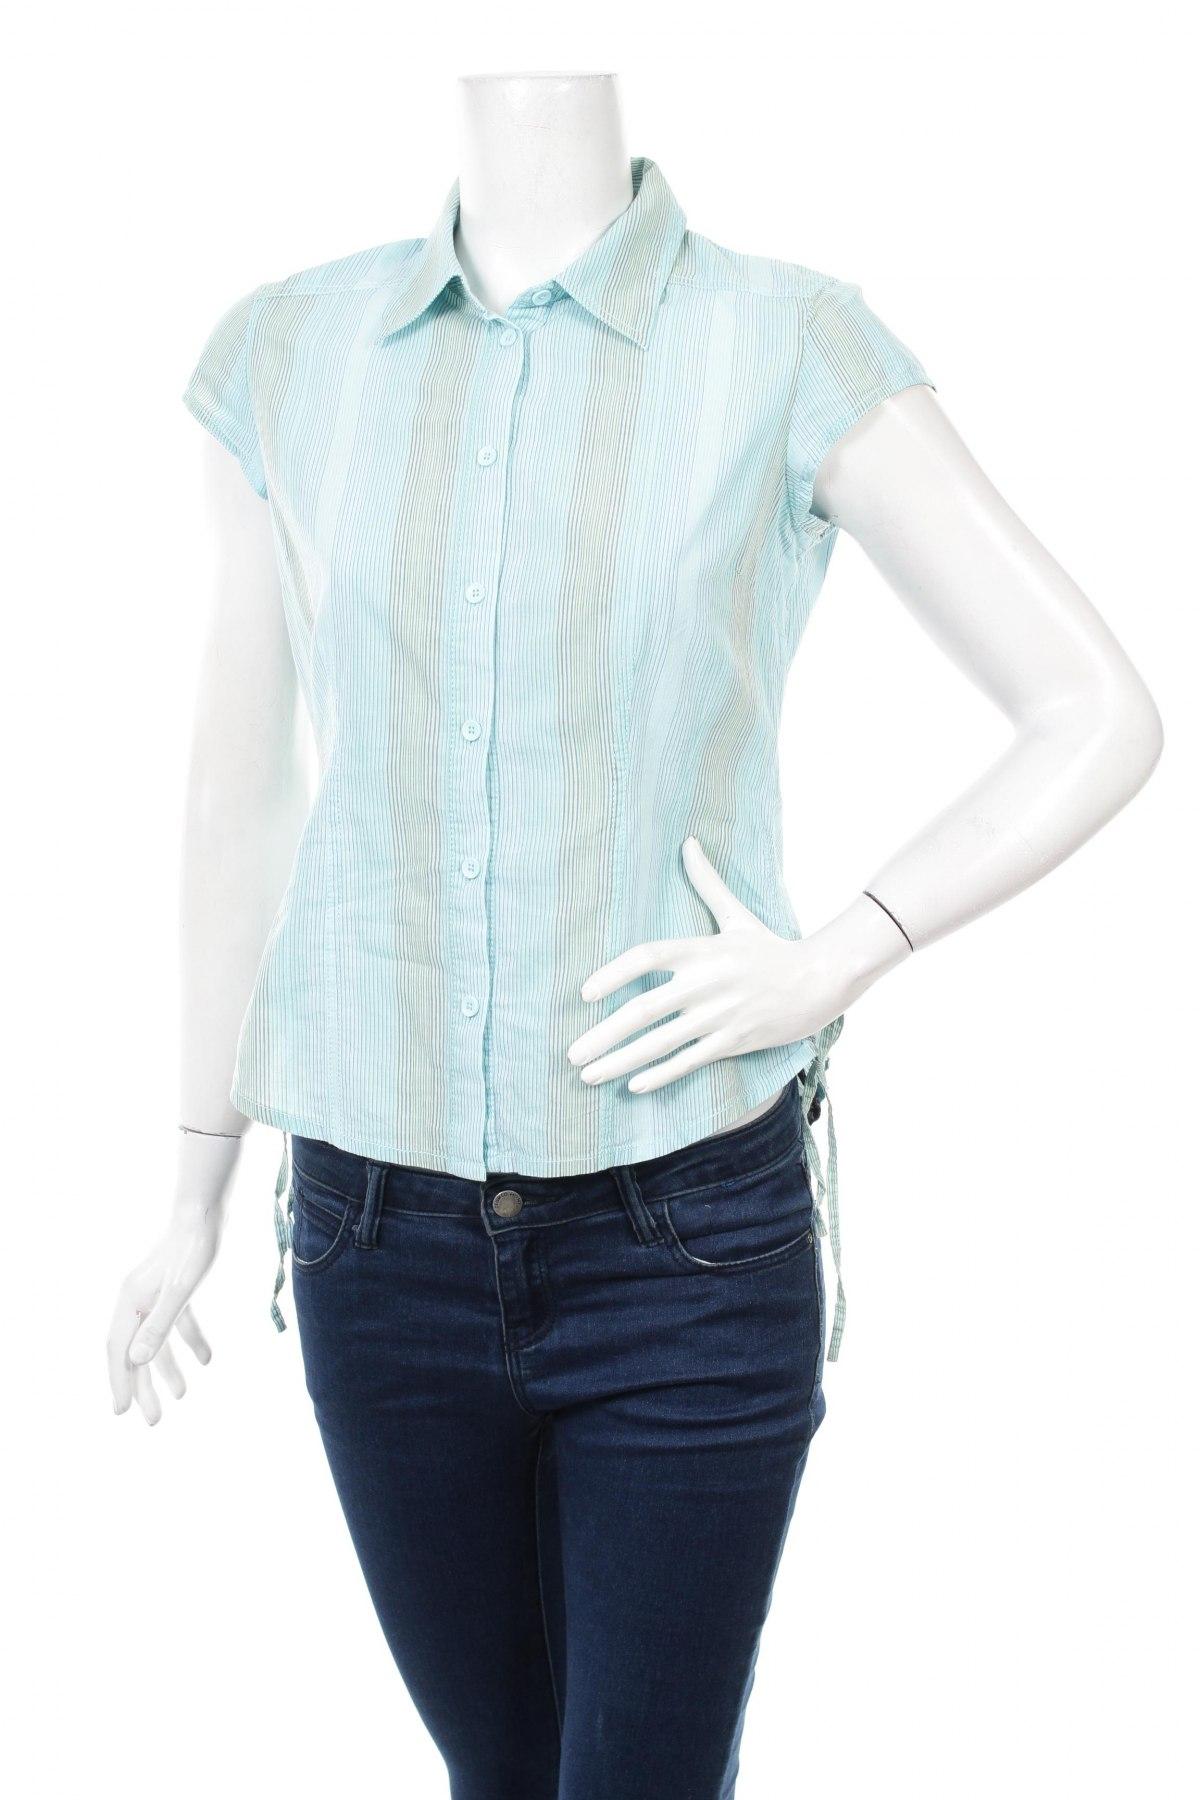 Γυναικείο πουκάμισο, Μέγεθος M, Χρώμα Μπλέ, Τιμή 10,82€